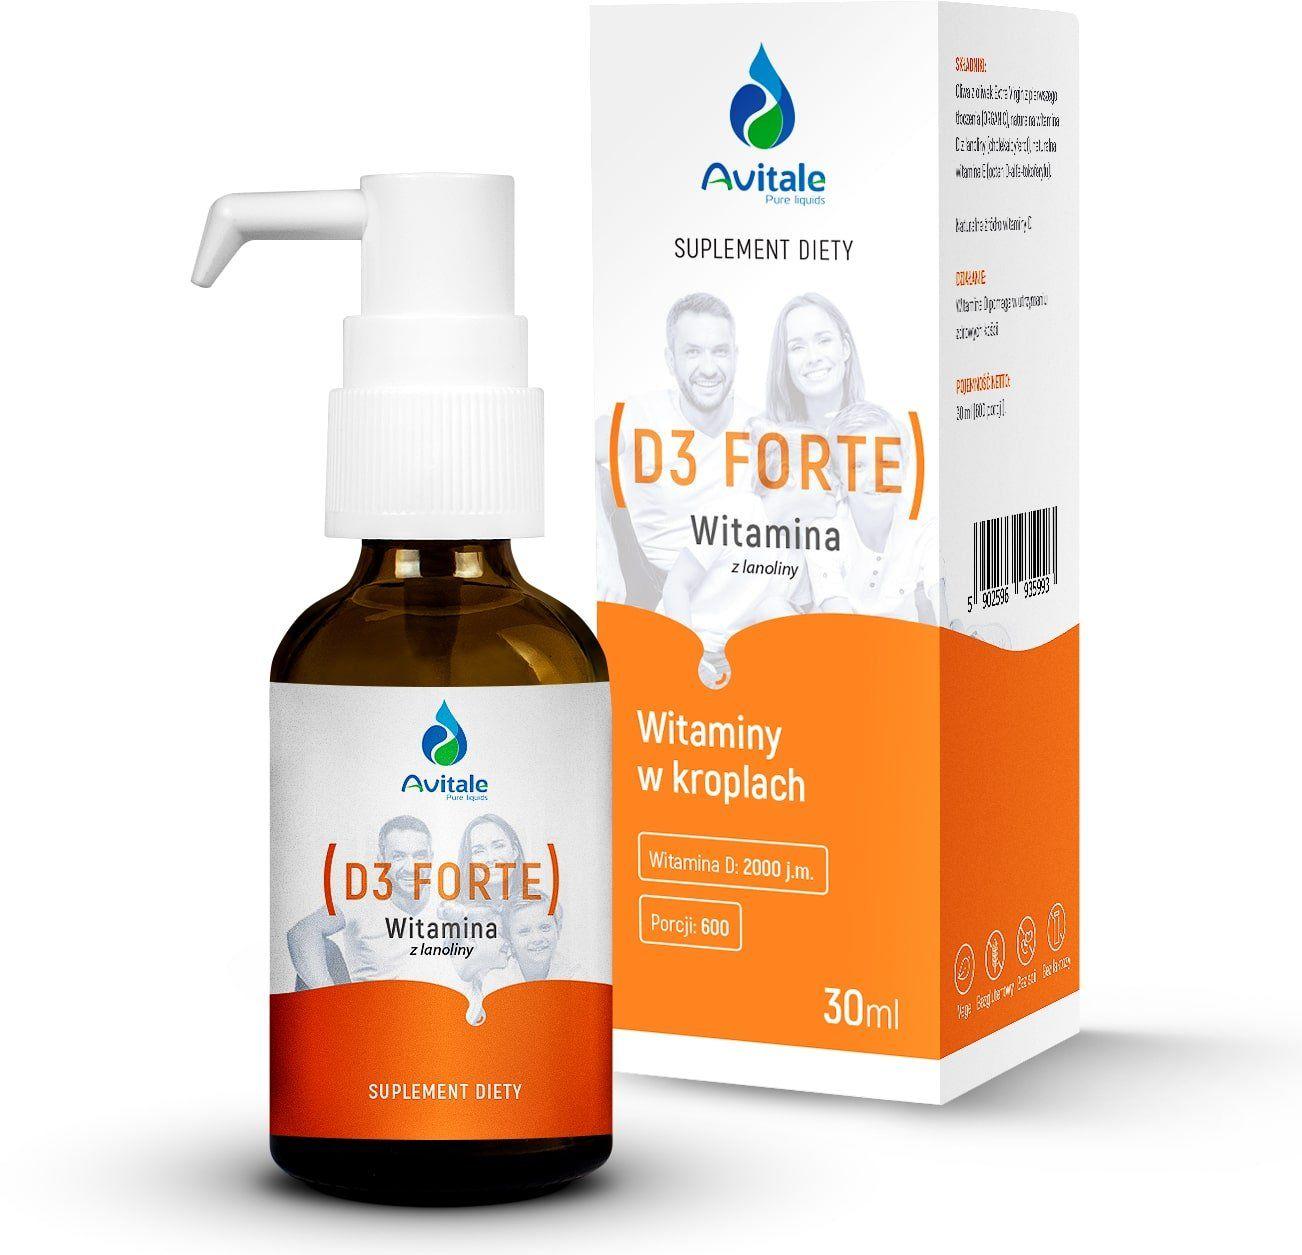 Witamina D3 Forte 2000 IU z Lanoliny 30 ml w płynie krople Avitale Aliness